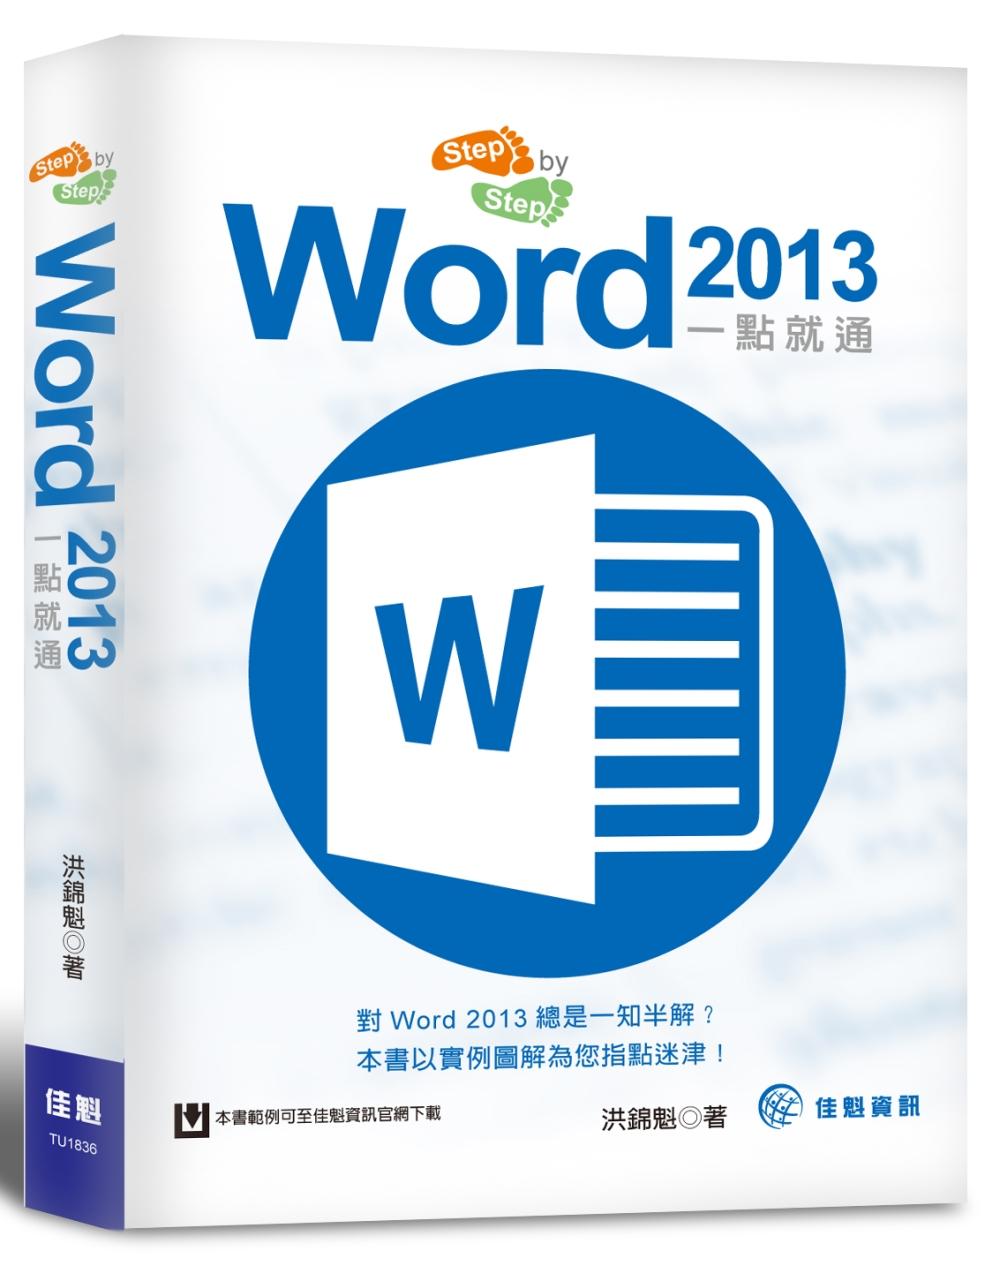 Step by Step:Word 2013一點就通